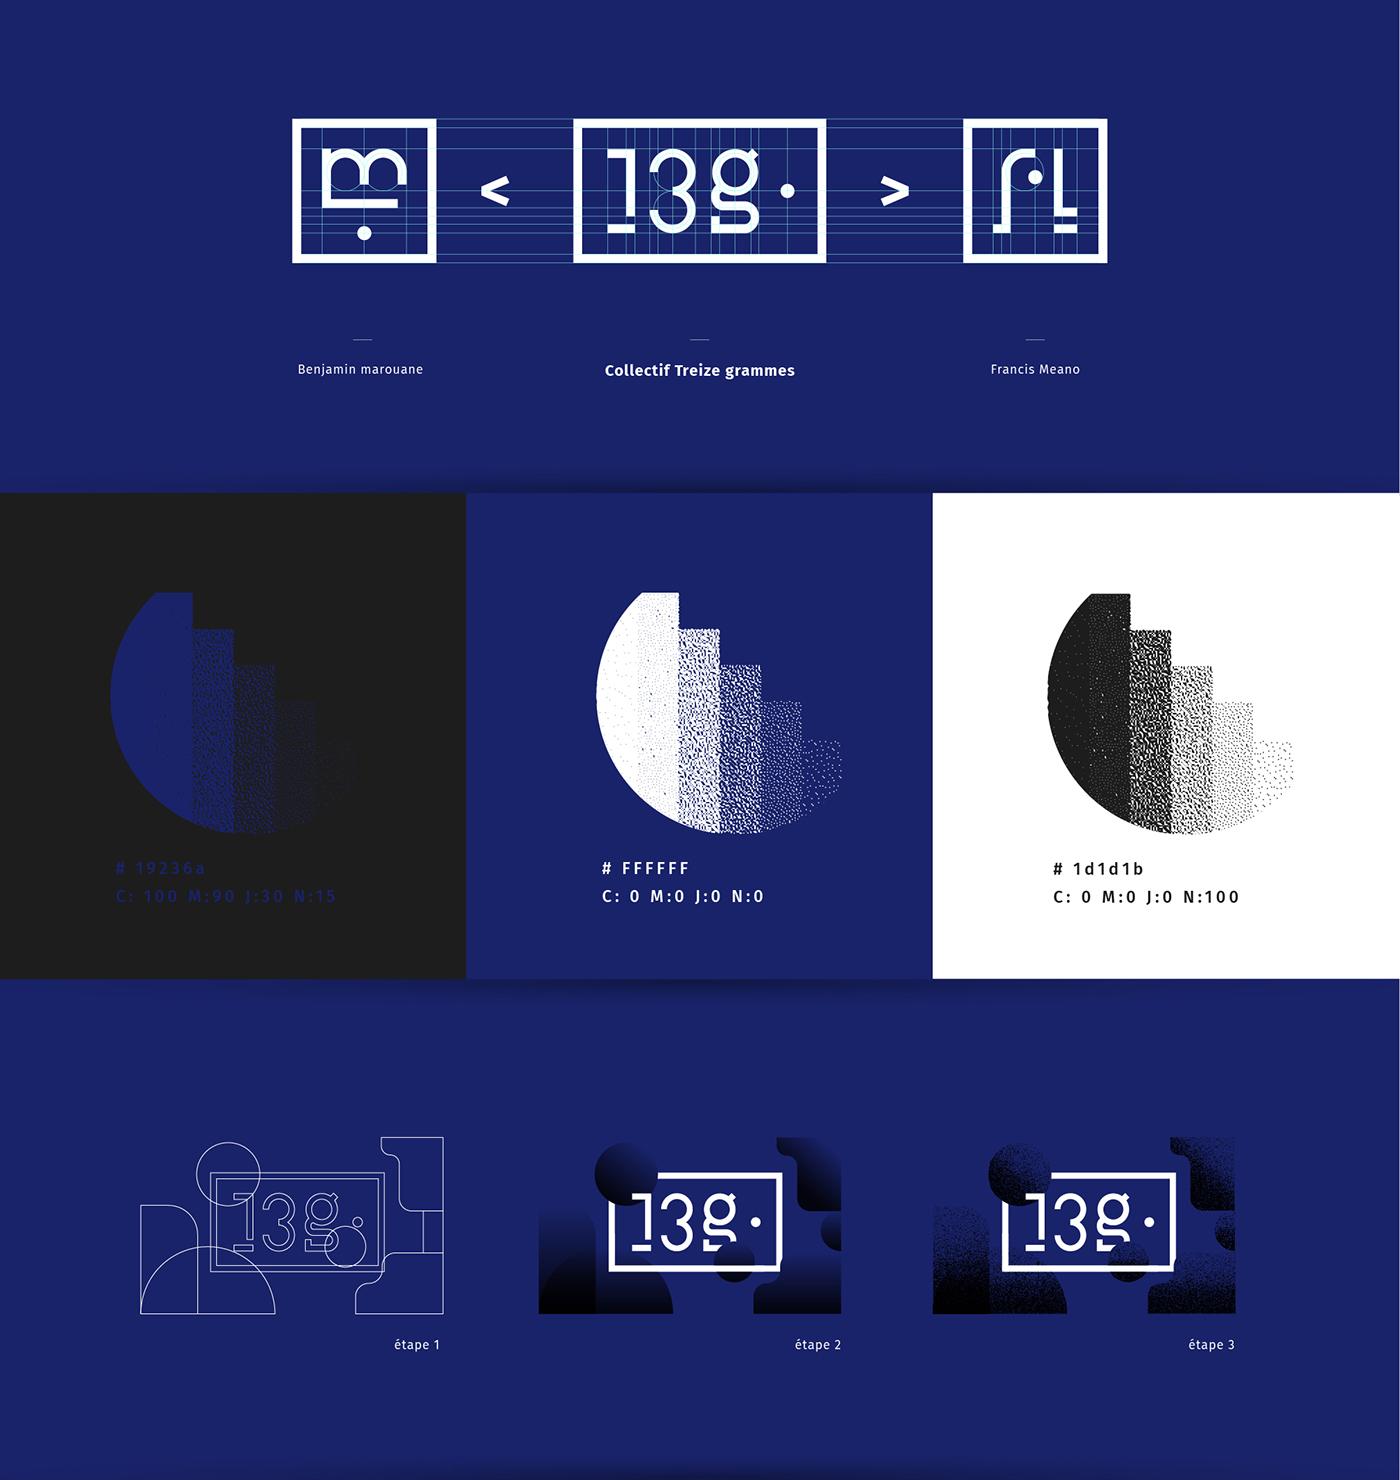 Treize grammes 13g graphic design  graphisme design graphique identité visuelle Logotype direction artistique art direction  graphiste Marseille